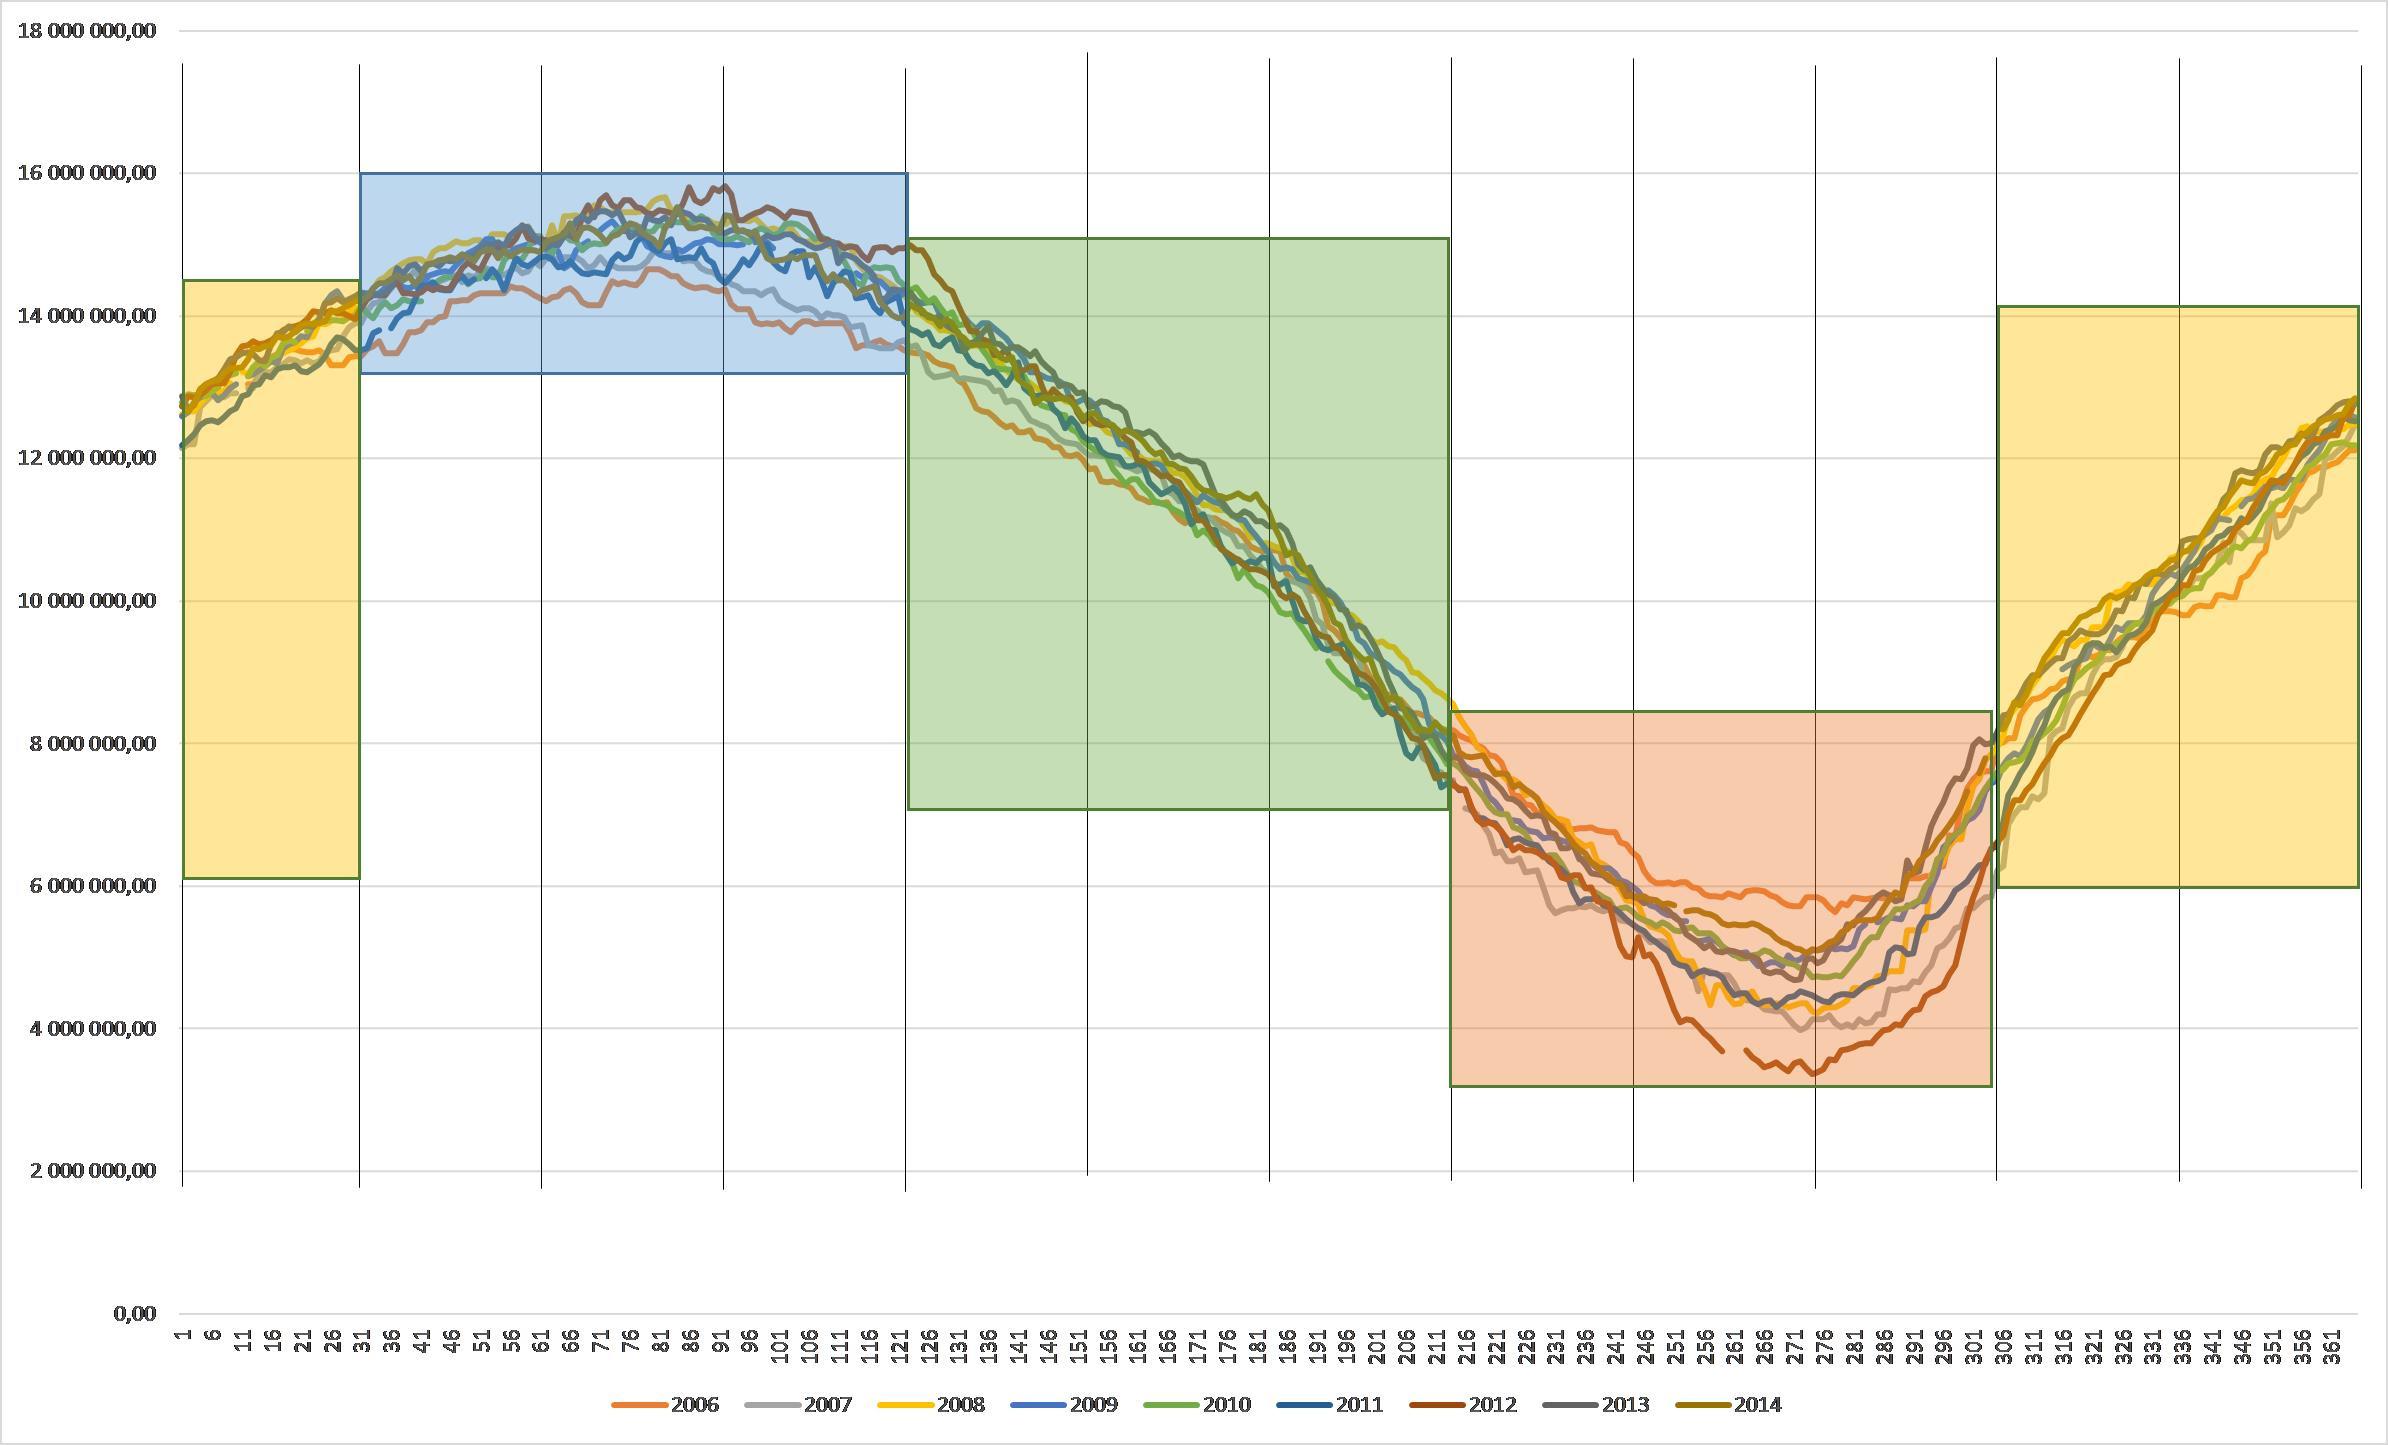 Evolution de la surface de la calotte glaciaire arctique selon le calendrier milésien. Saisons de la calotte glaciaire.